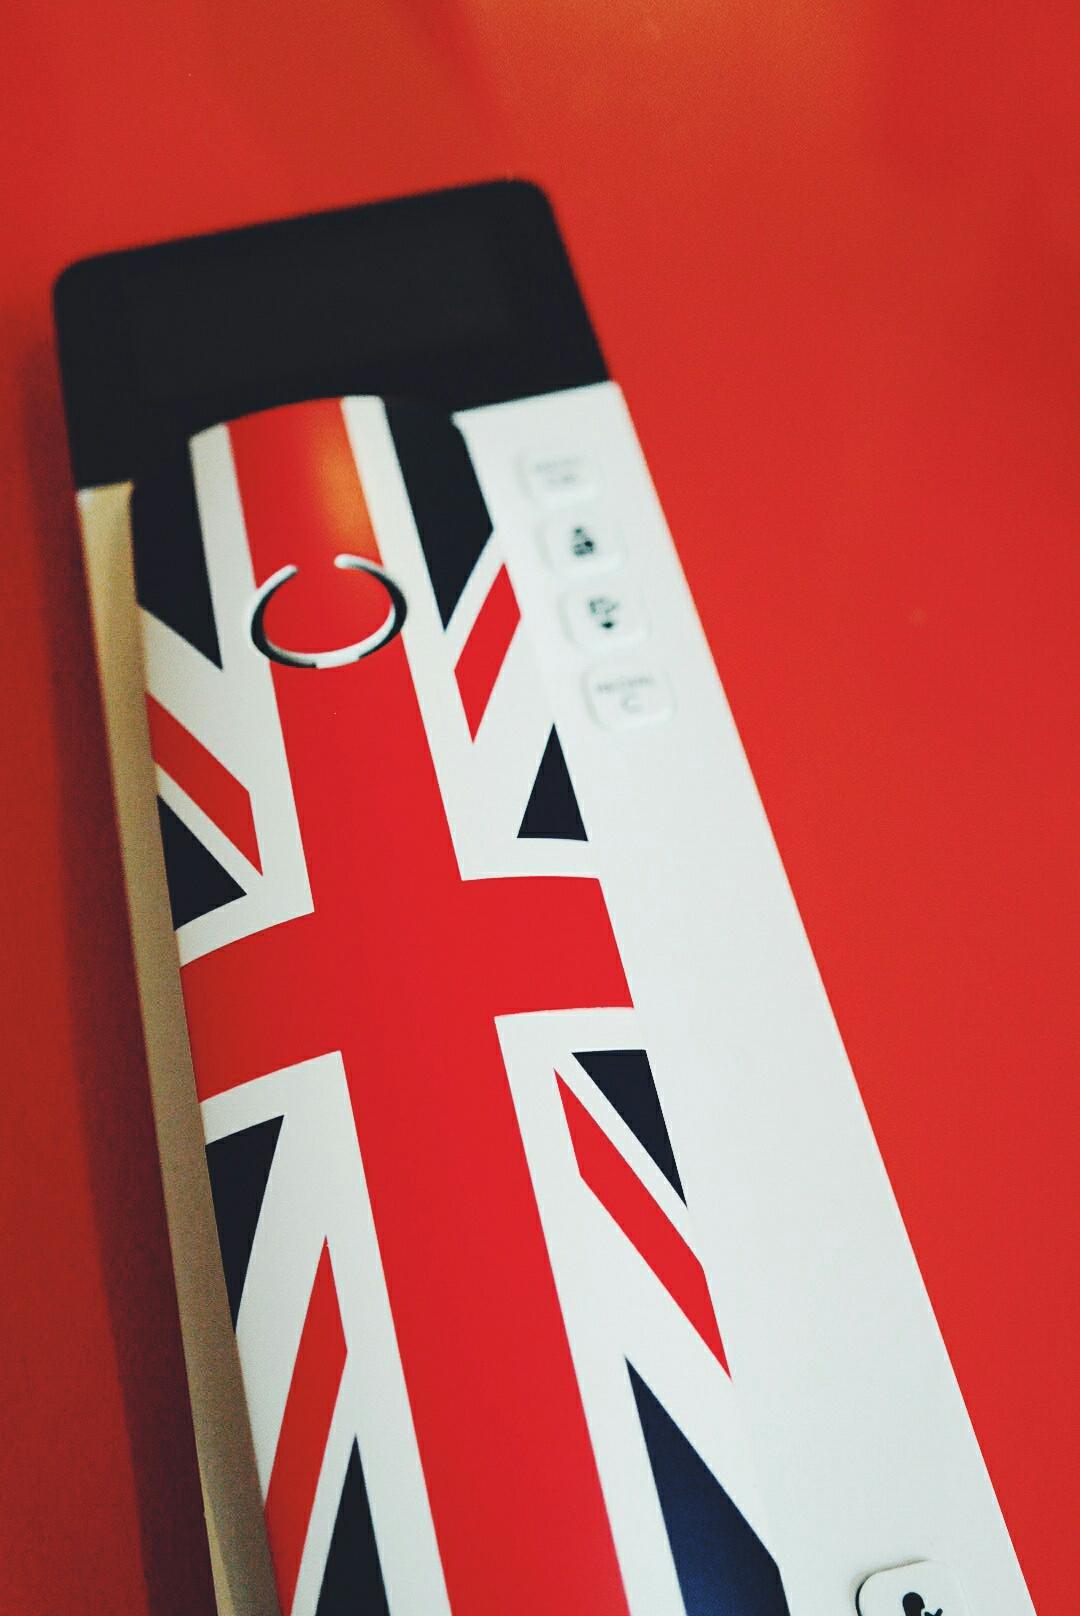 Téléphone fixe filaire design british Philips scala union jack phone Royaume Uni l appartement red édition paris photo by united states of paris blog